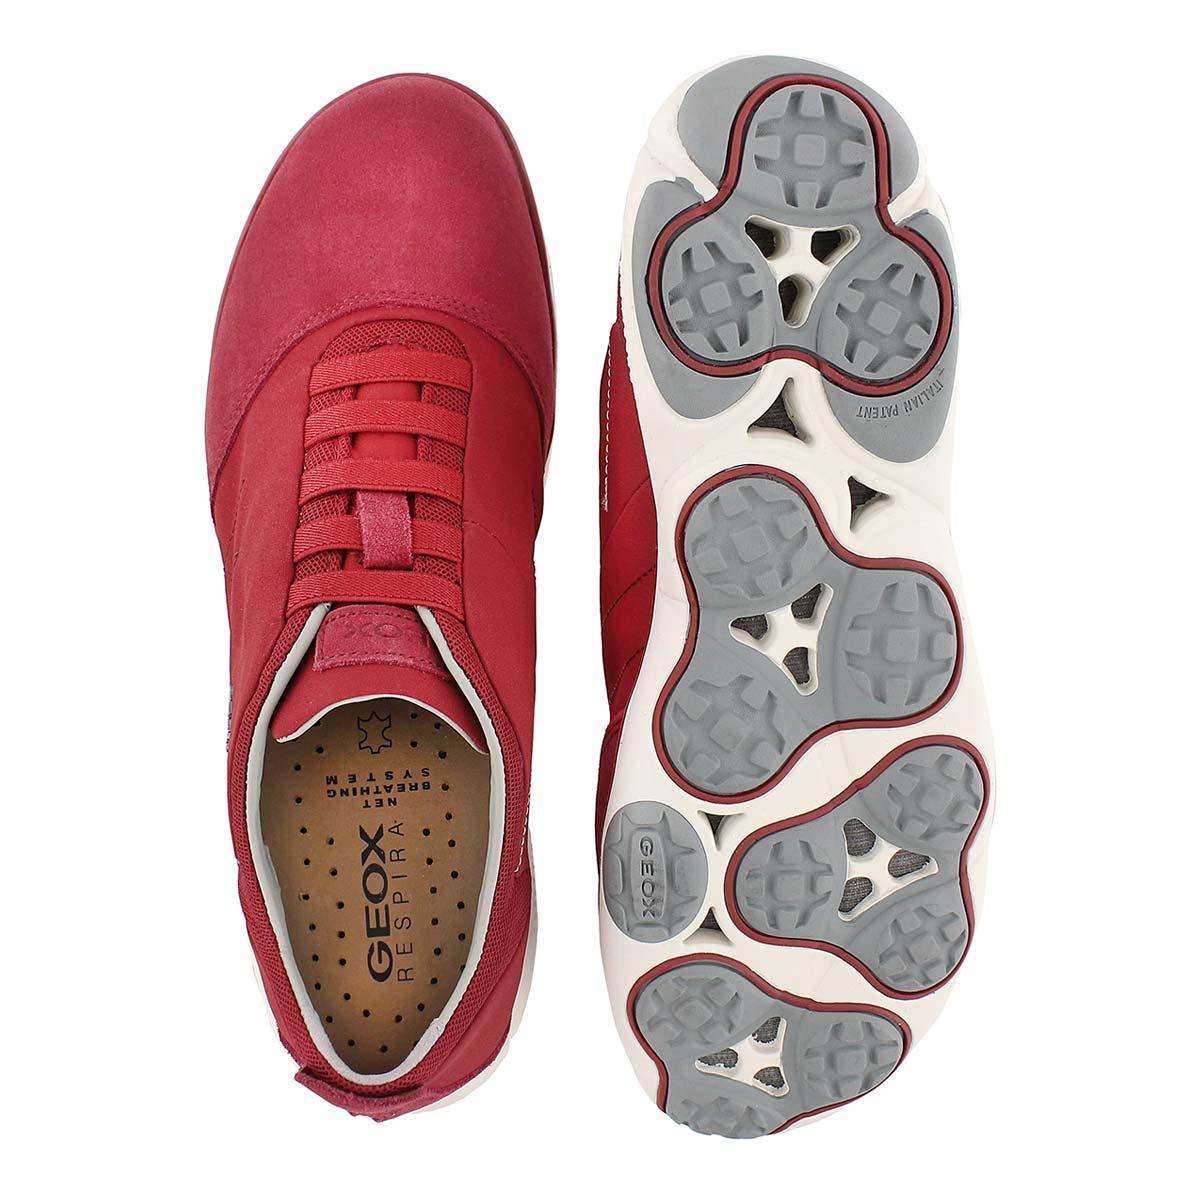 Chaussure de course Nebula, rouge, homme